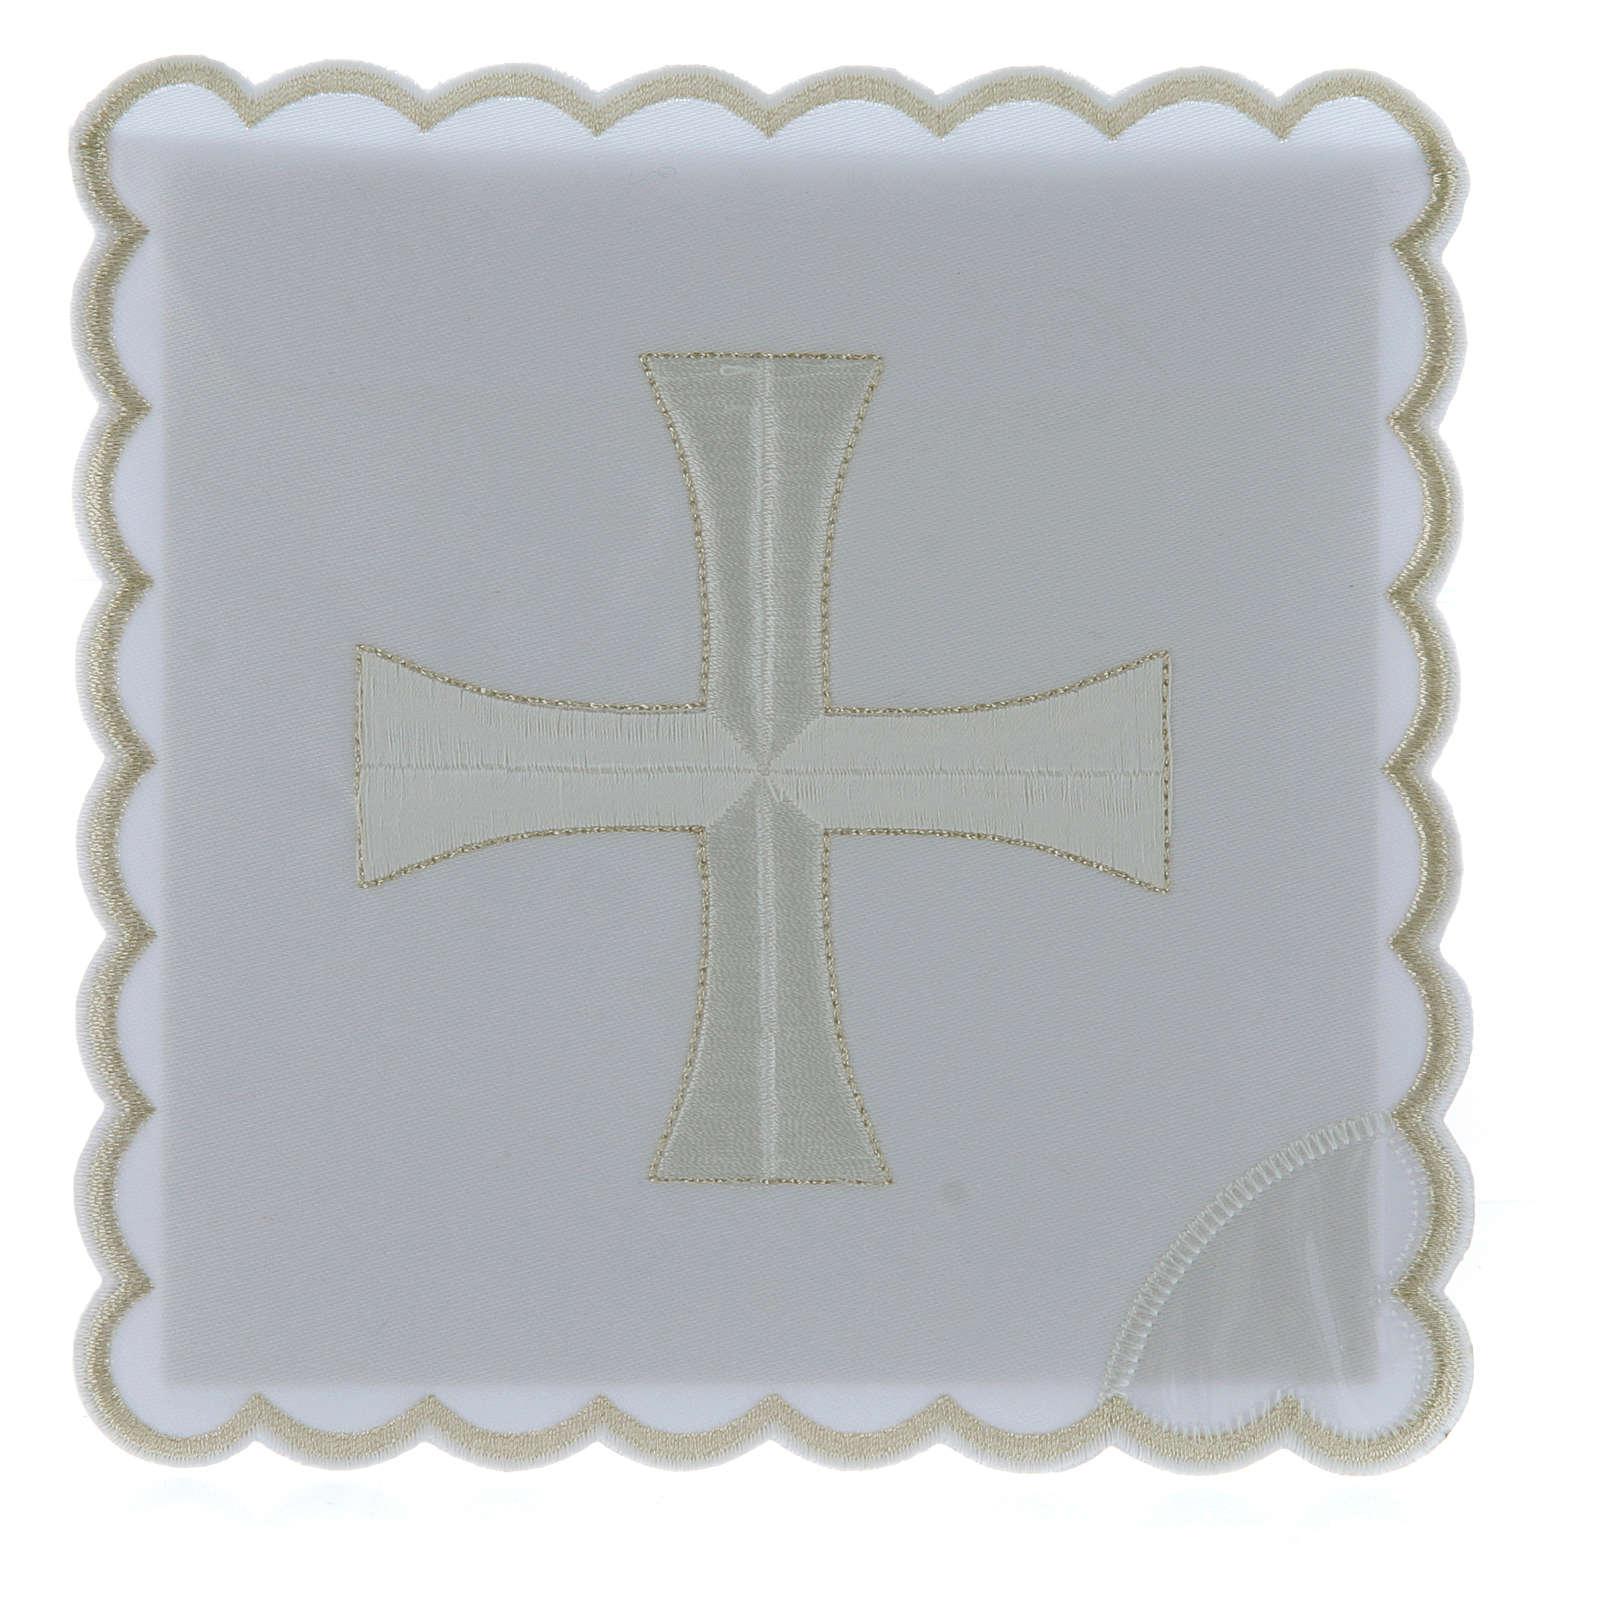 Servizio da altare cotone ricamo croce bianca argento 4